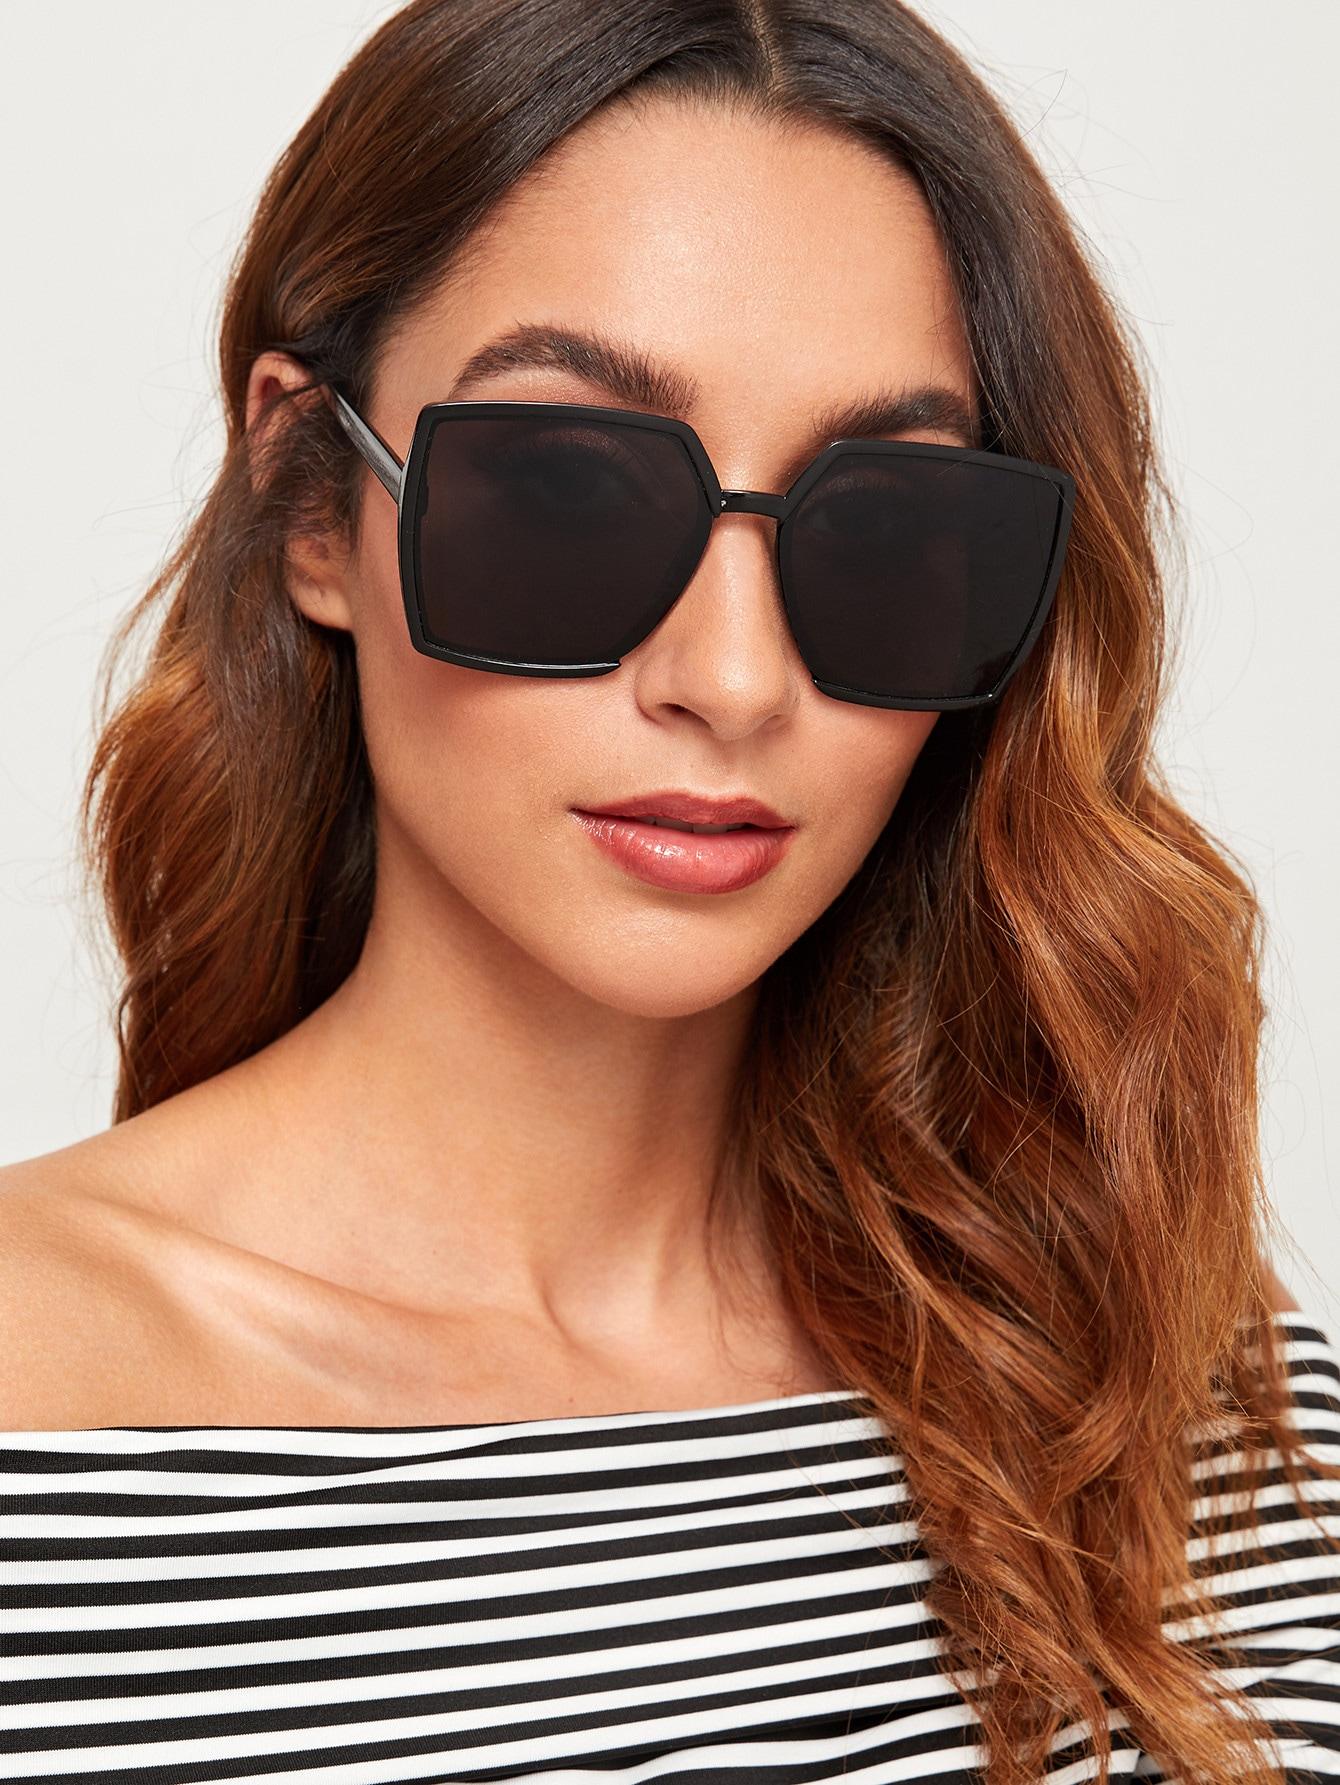 Фото - Простые квадратные солнцезащитные очки от SheIn цвет черные